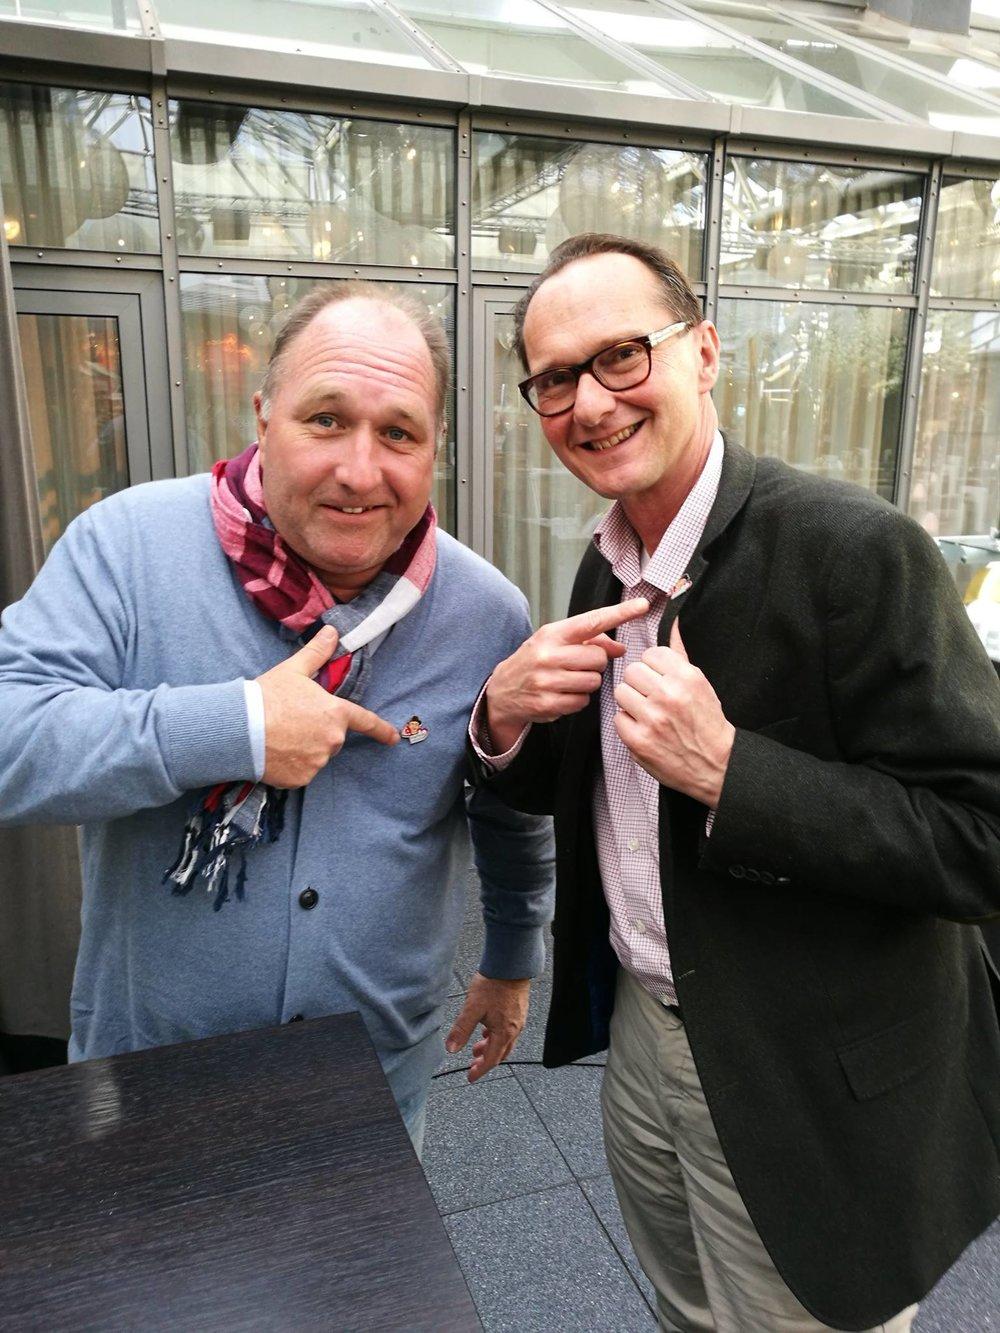 Kleiner Pin – große Wirkung. Der Erlös aus dem Verkauf des Pins zum 50. Jubiläum der Willi Ostermann Gesellschaft geht an das Herzenswunsch-KTW-Projekt der Malteser.